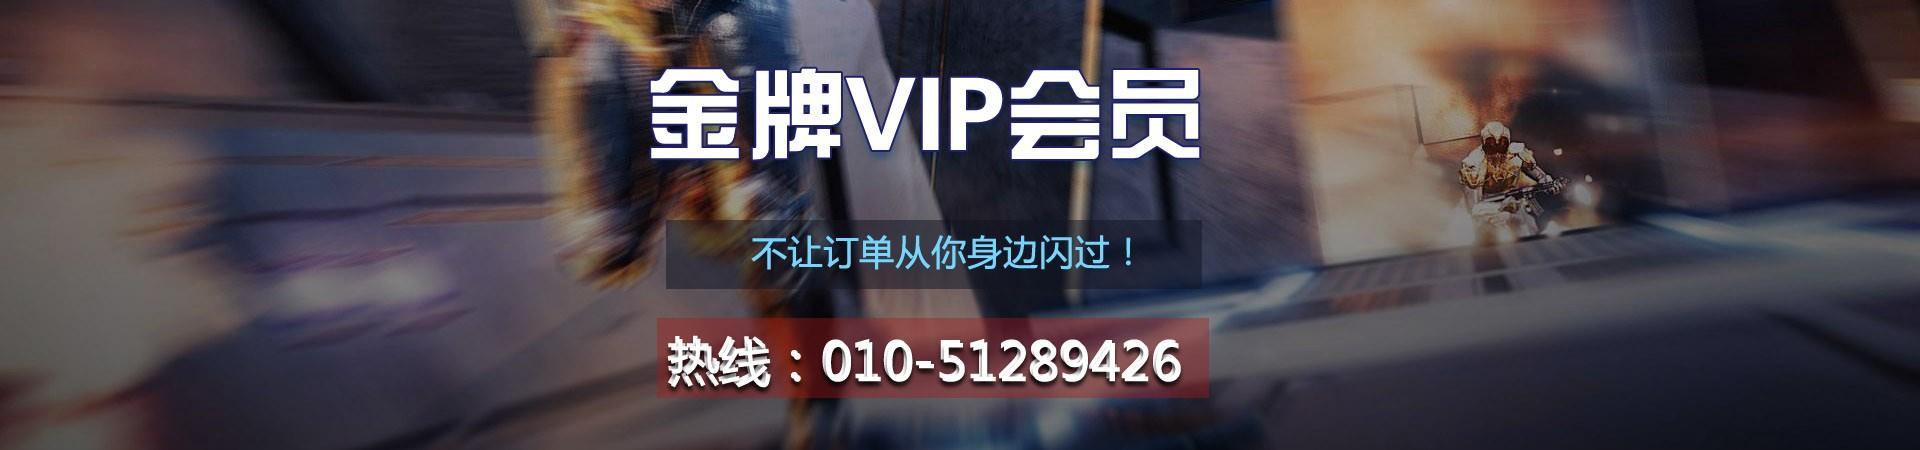 金牌VIP会员服务